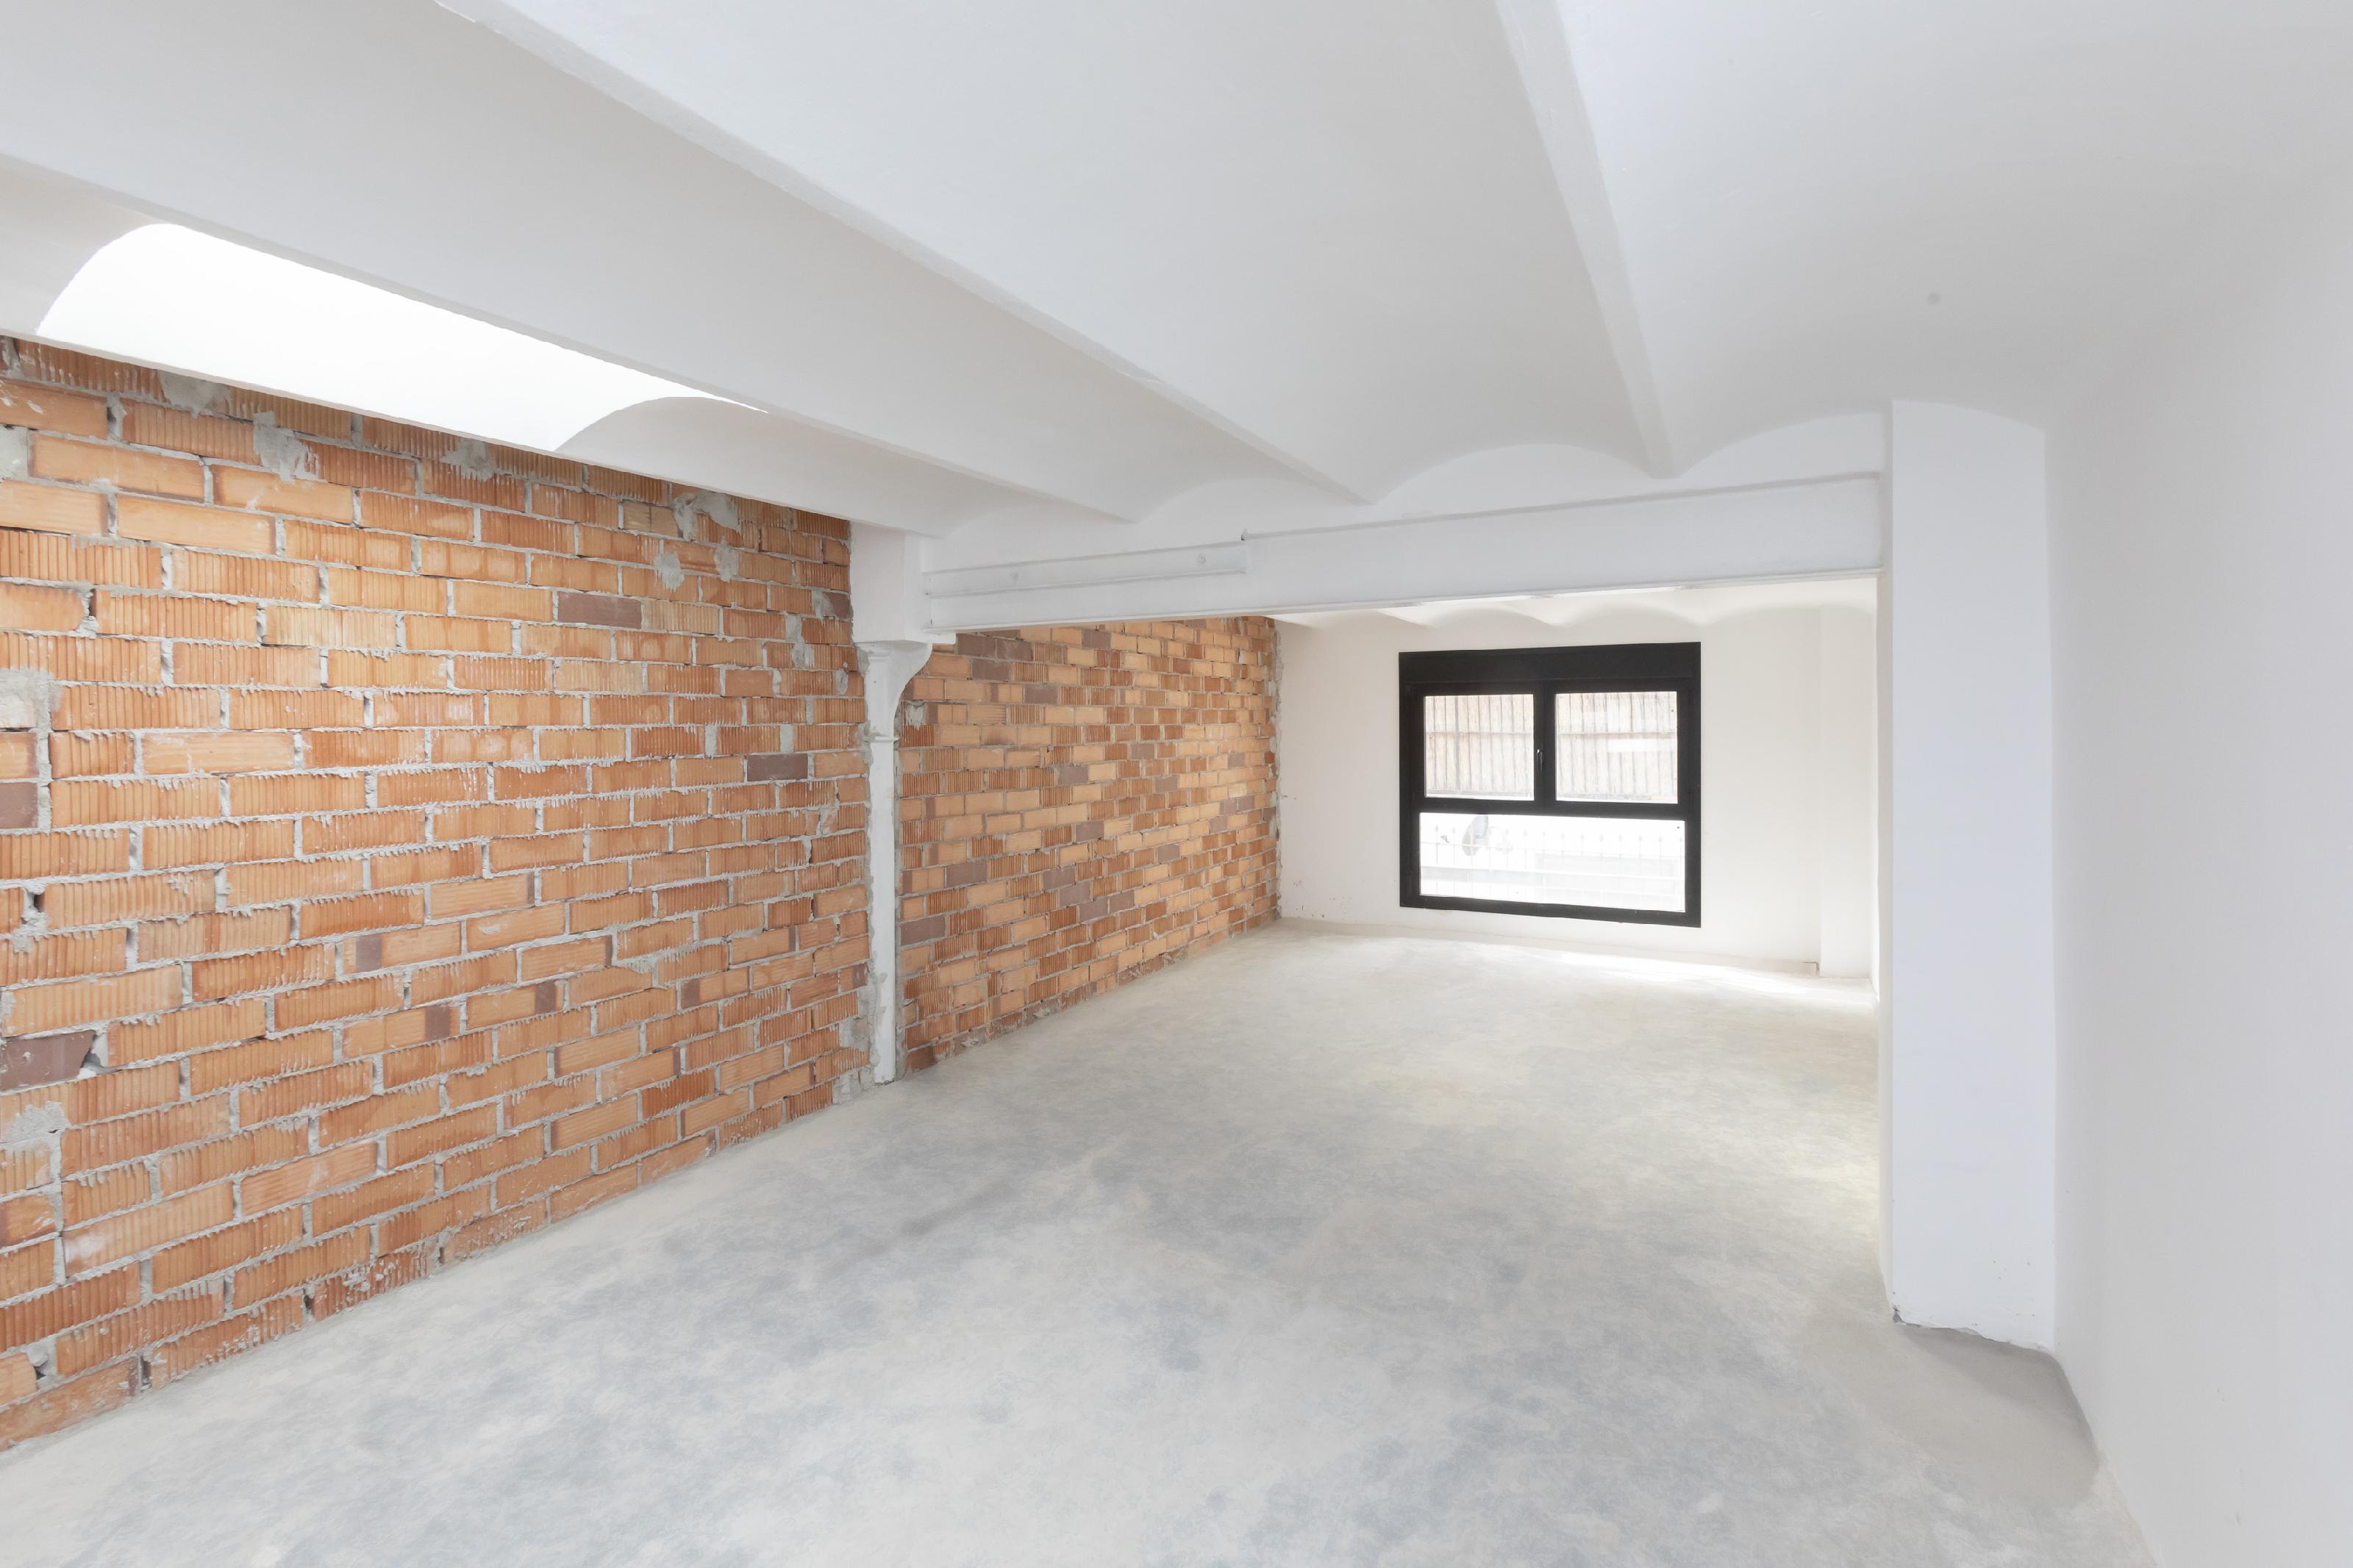 253983 Loft for sale in Gràcia, Vila de Gràcia 3